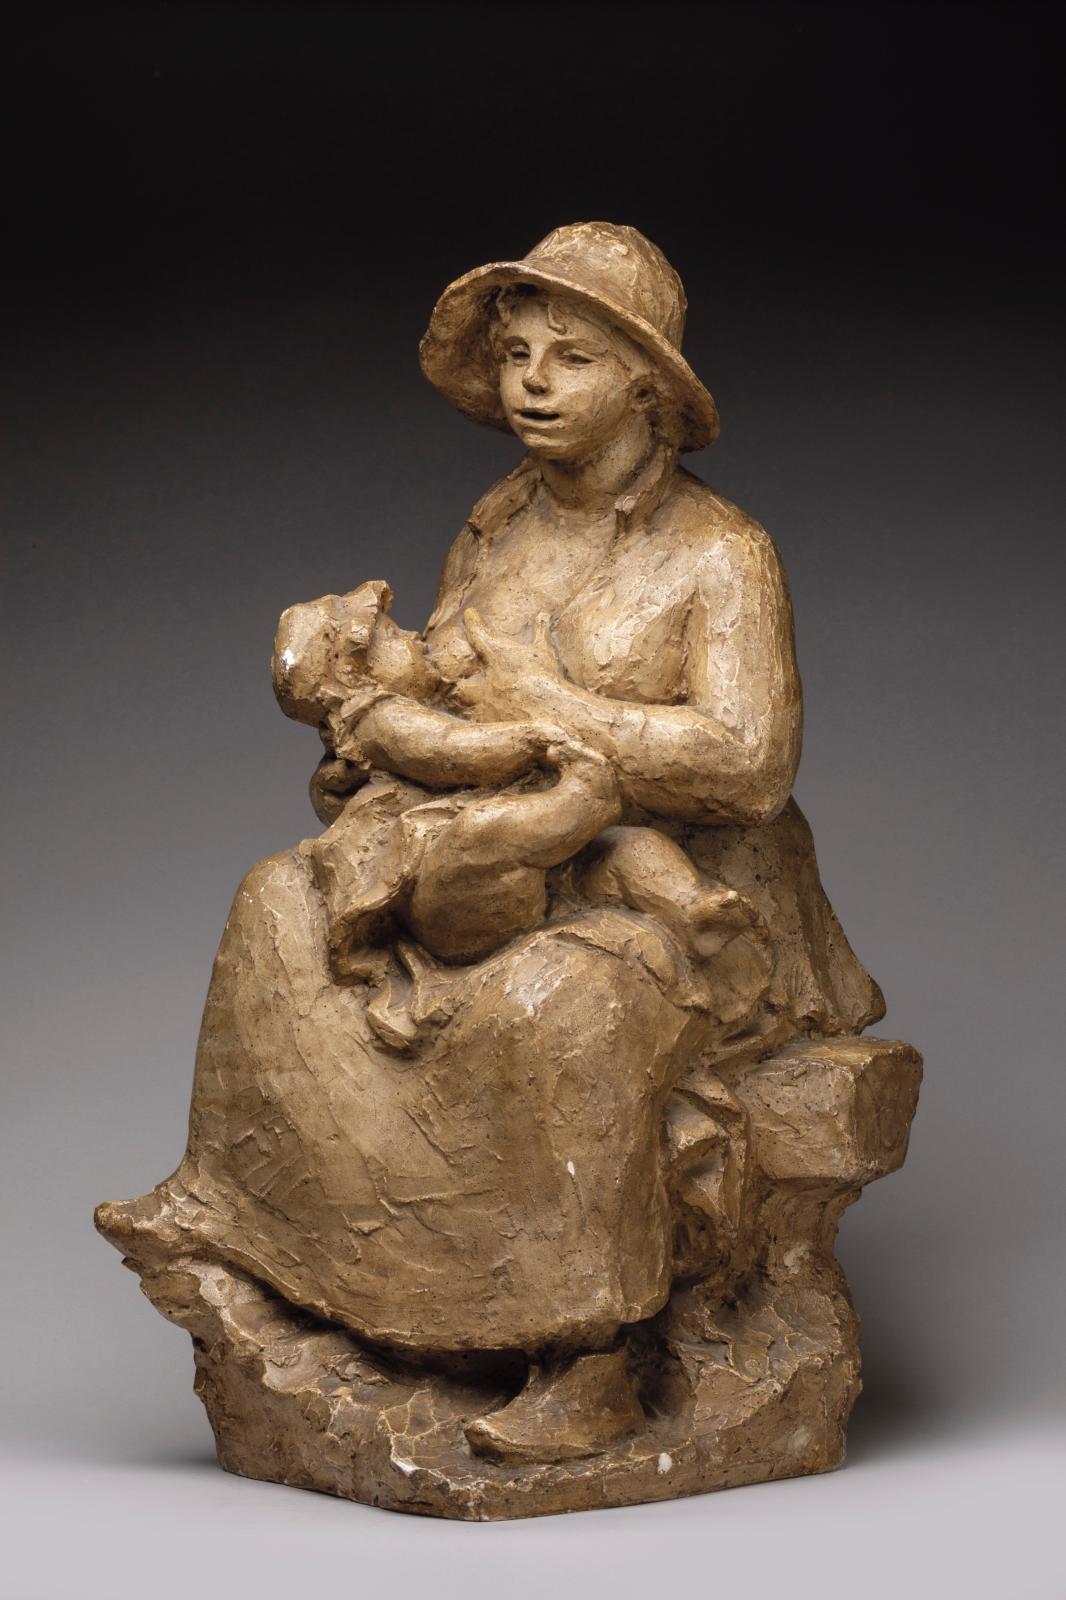 Pierre Auguste Renoir (1841-1919) et Richard Guino (1890 -1973), Maternité, modèle créé en 1916, plâtre de fonderie, patiné, h.54,5cm.